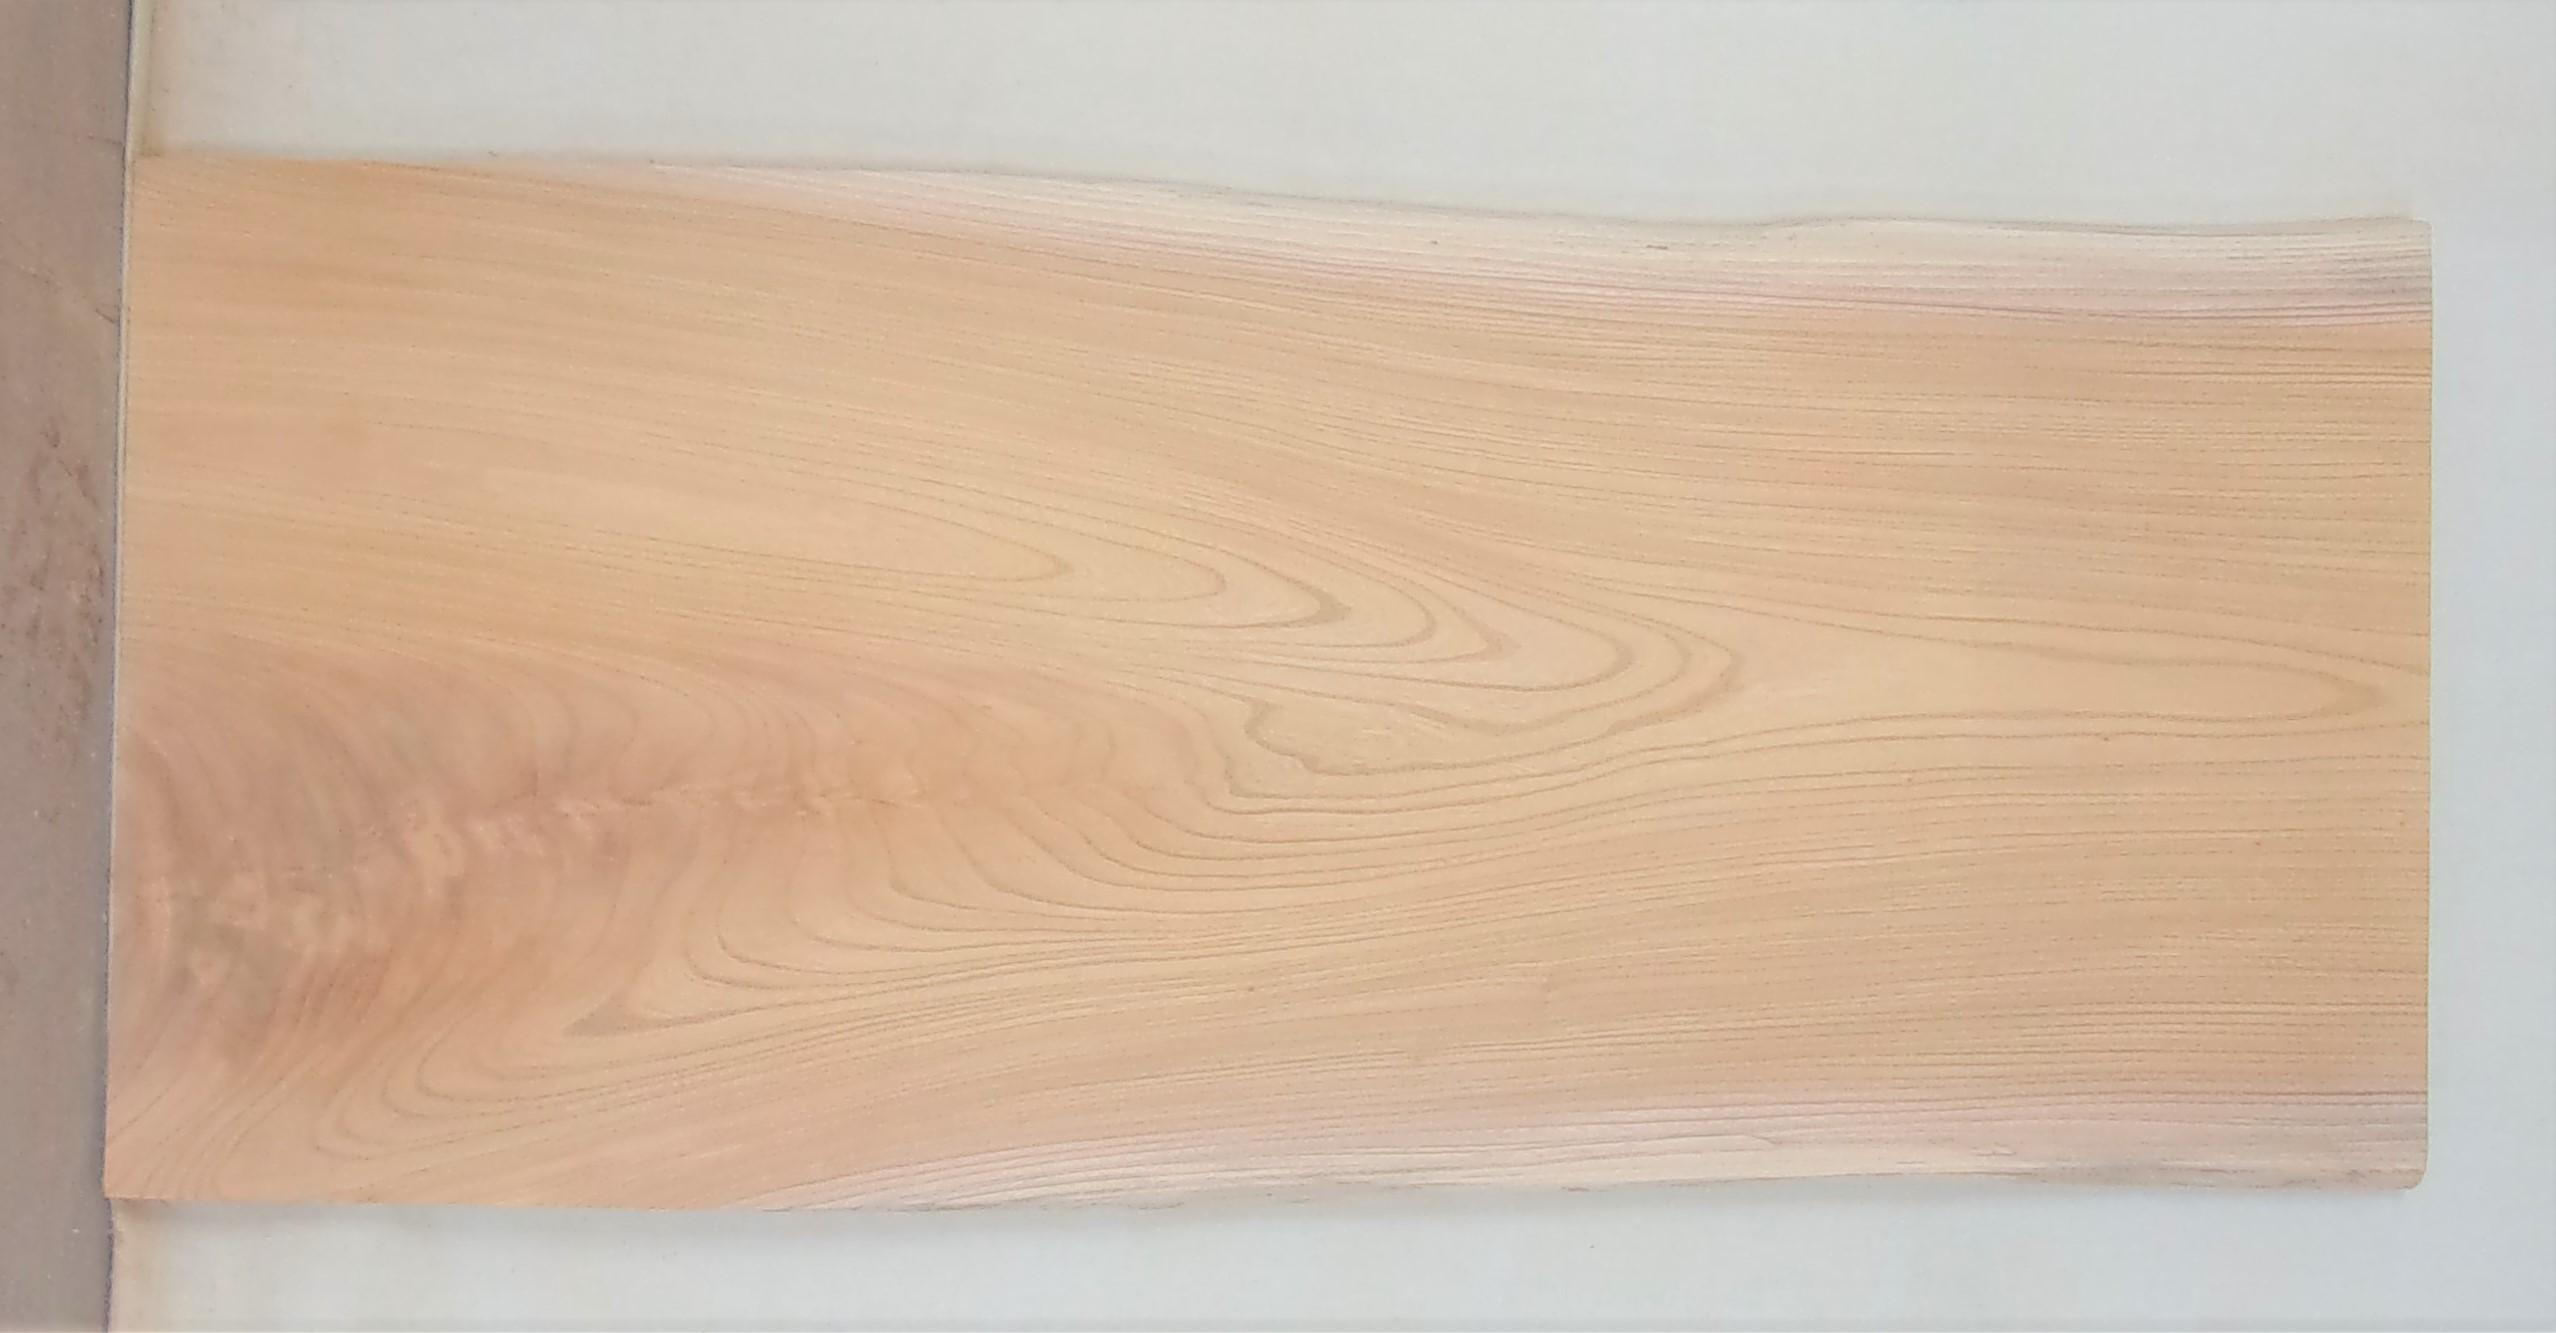 【送料・手数料無料】 山成林業 小型無垢一枚板 KD-573 ケヤキ 小型看板に最適